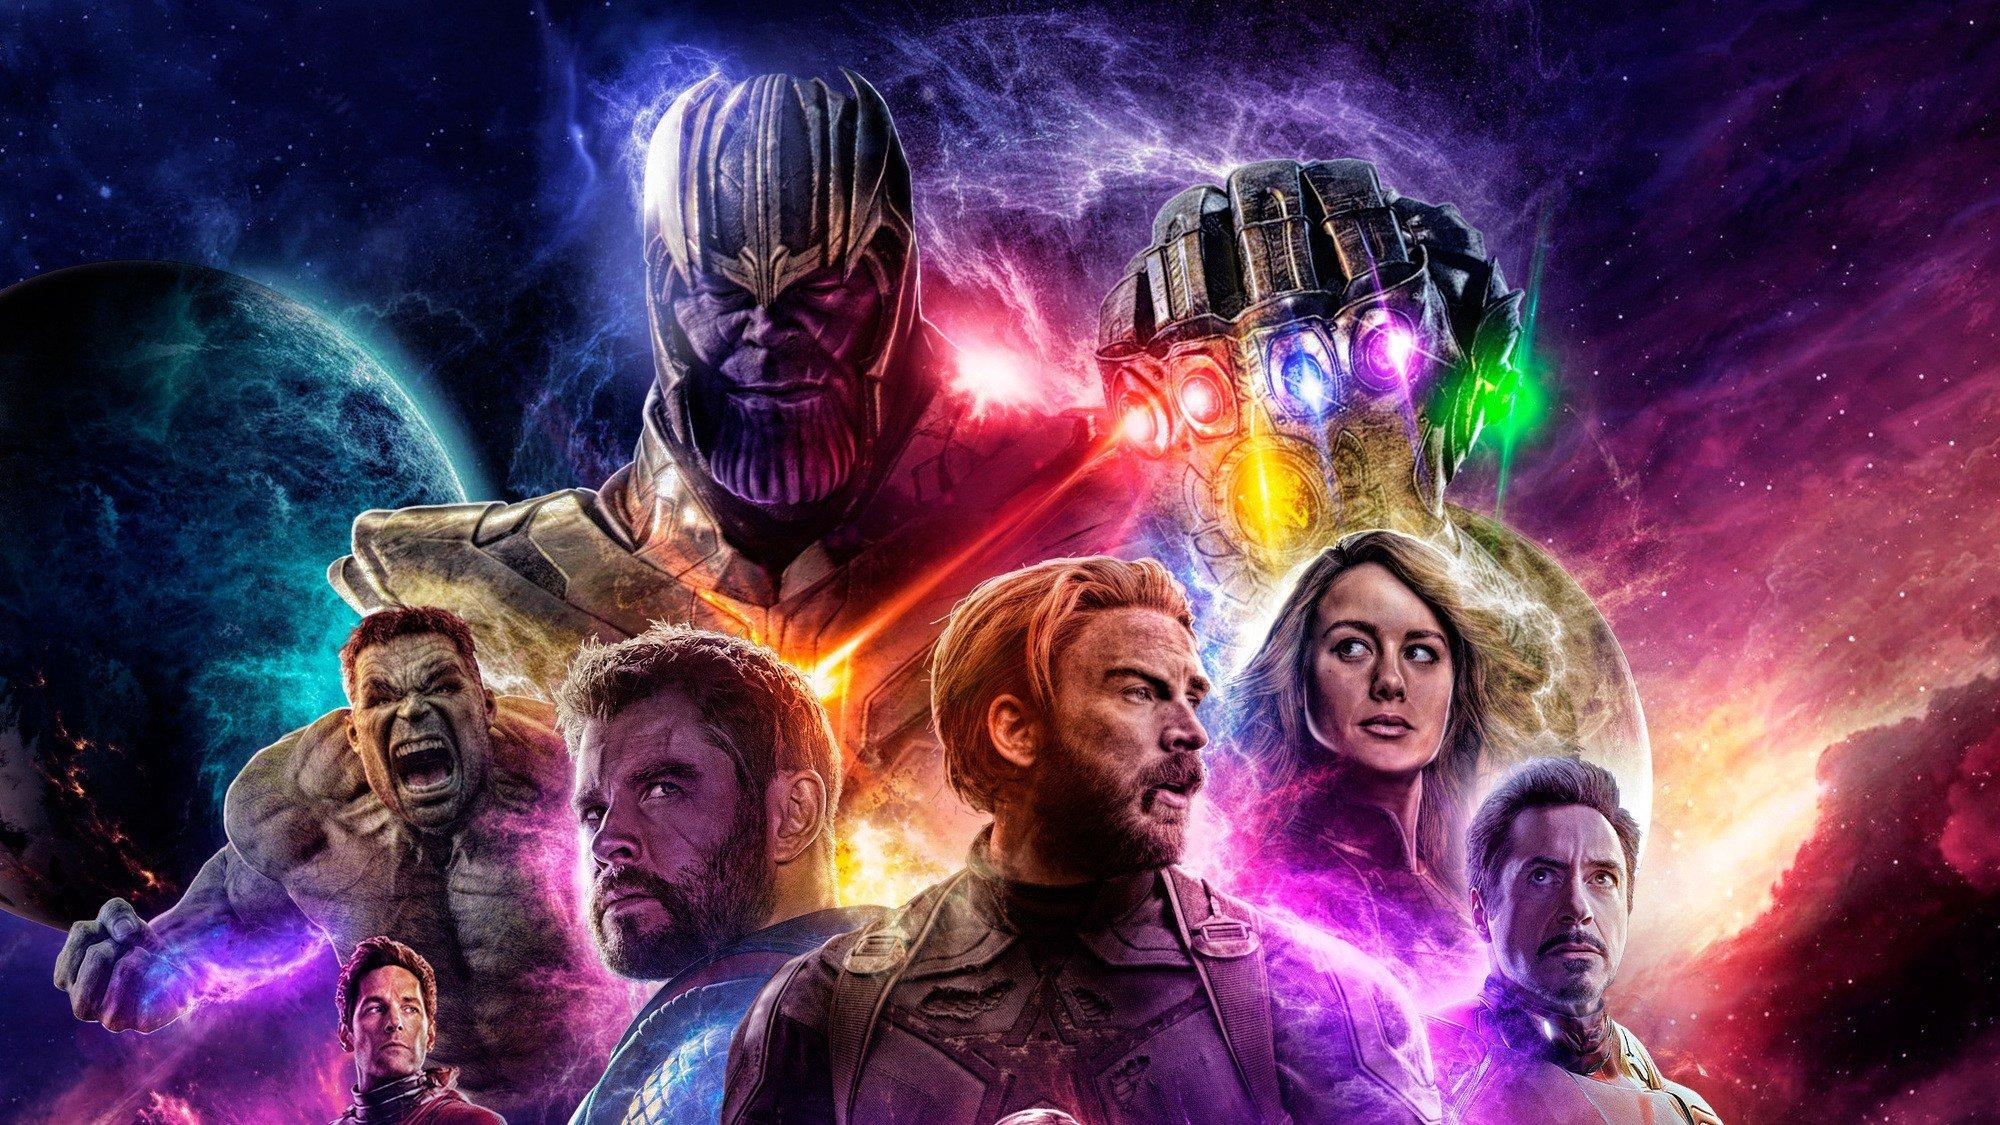 Avengers Endgame: De nombreuses images qui fuient confirment de nouveaux costumes et de nouveaux personnages (spoilers)